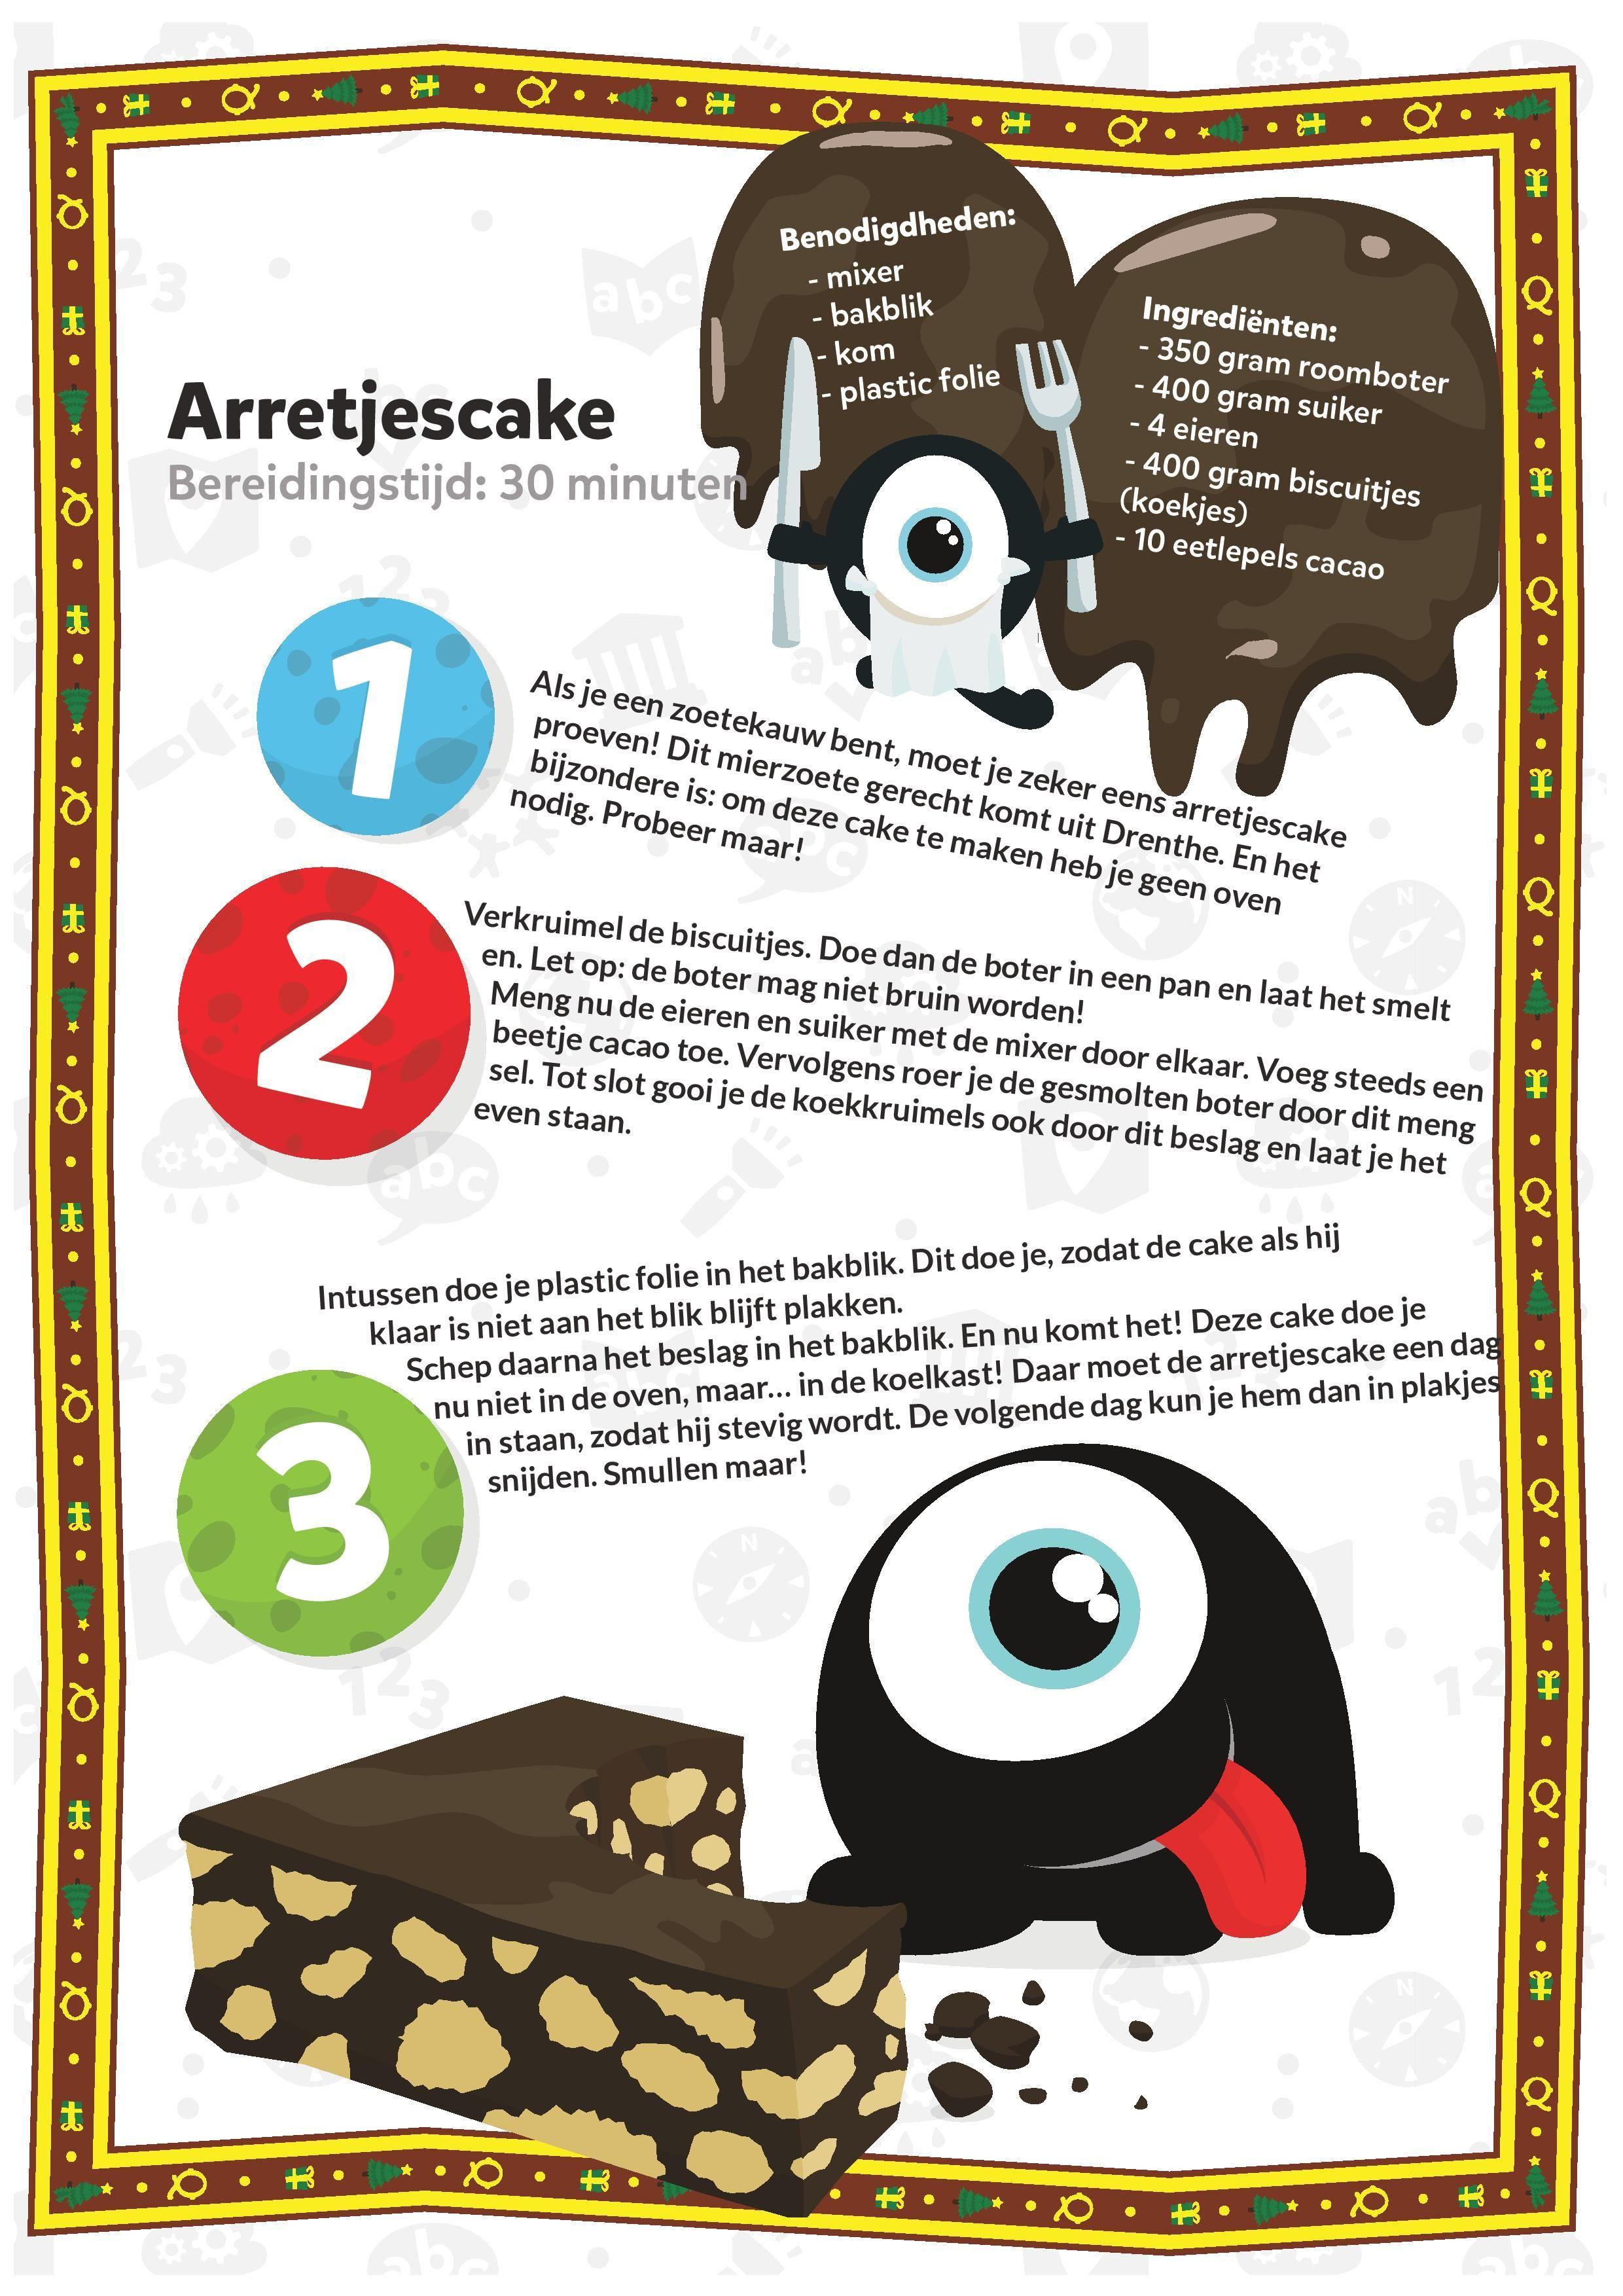 Kleurplaten Voor Kinderen Leuk En Leerzaam Gratis Downloaden Arretjescake Kleurplaten Voor Kinderen Recepten